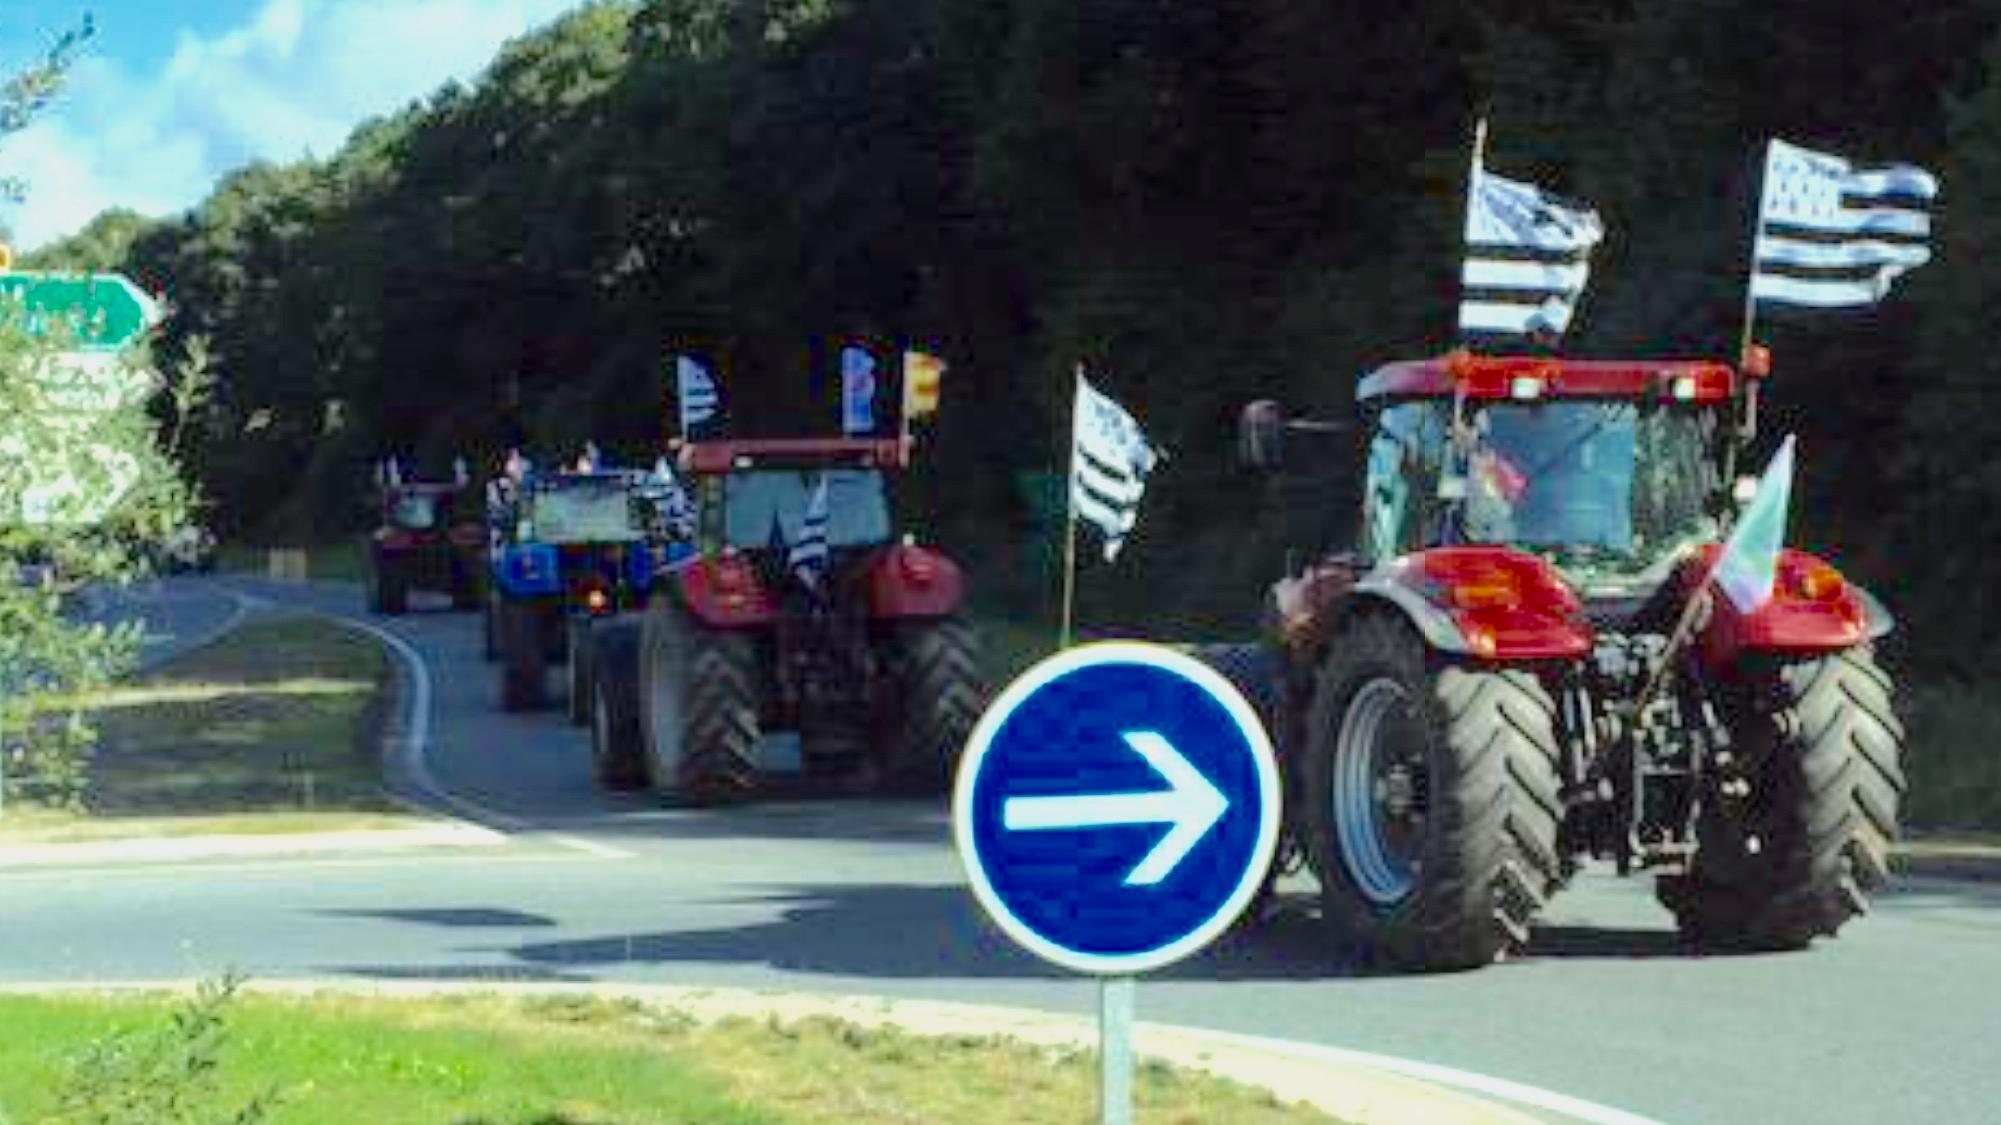 Les agriculteurs bretons ont pris la route ce mardi matin. Ils traverseront l'Eure demain mercredi pour rejoindre Paris